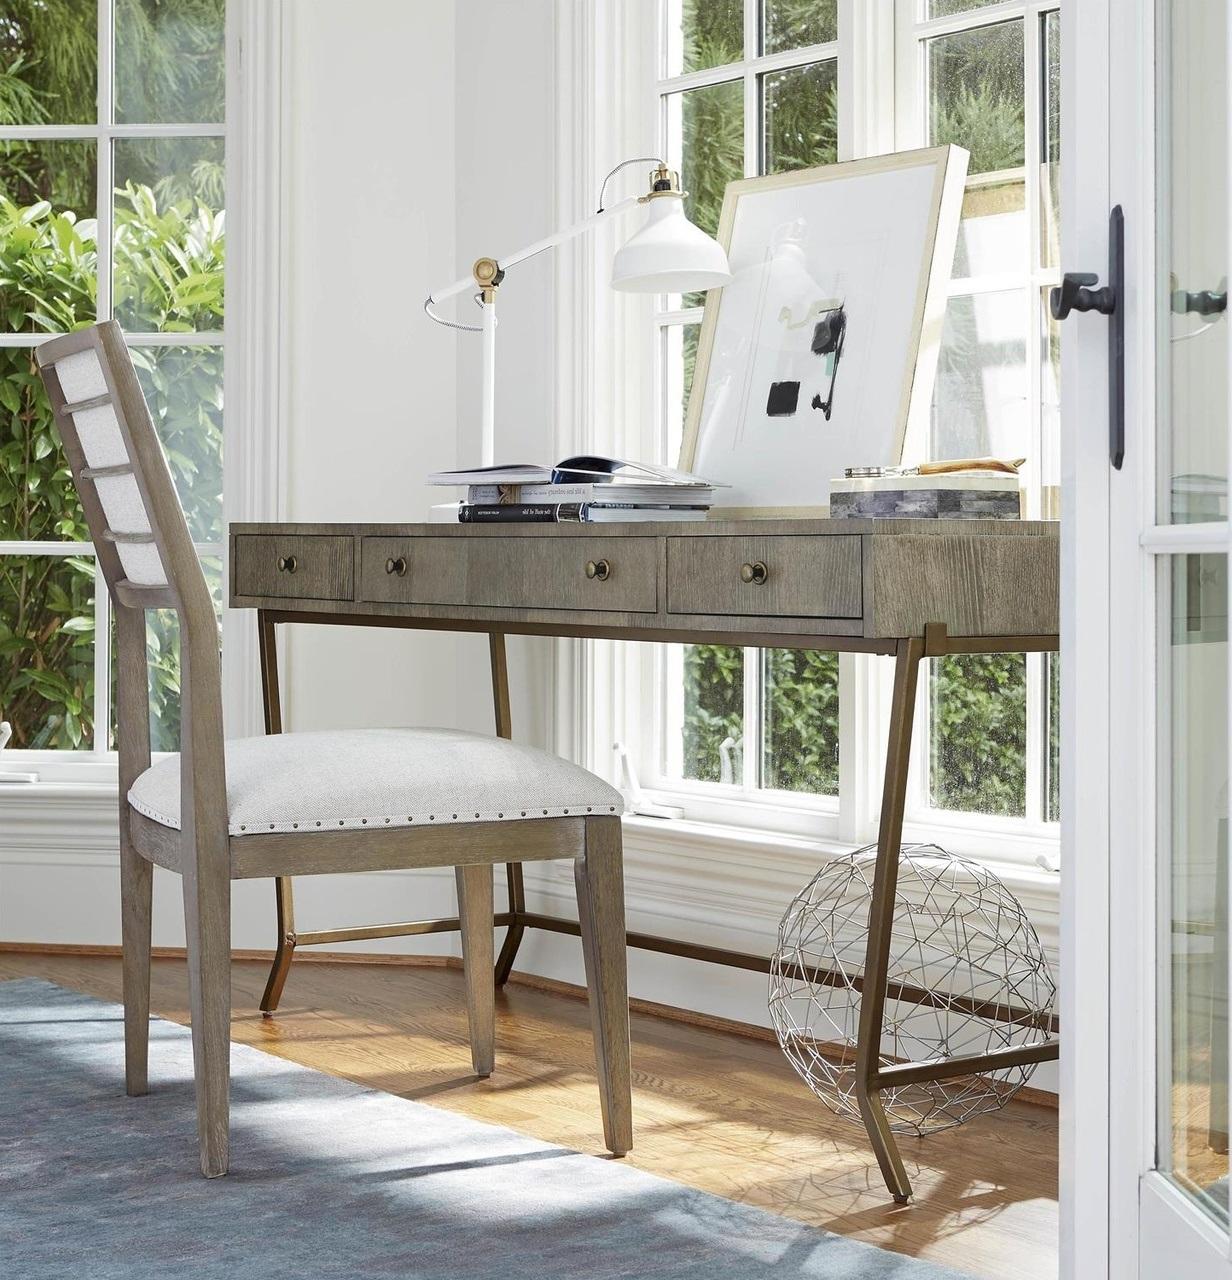 Si votre bureau est en bois non fini, patiné, verni ou en bois comme le cèdre, vous devriez opter pour un apprêt à base d'huile.